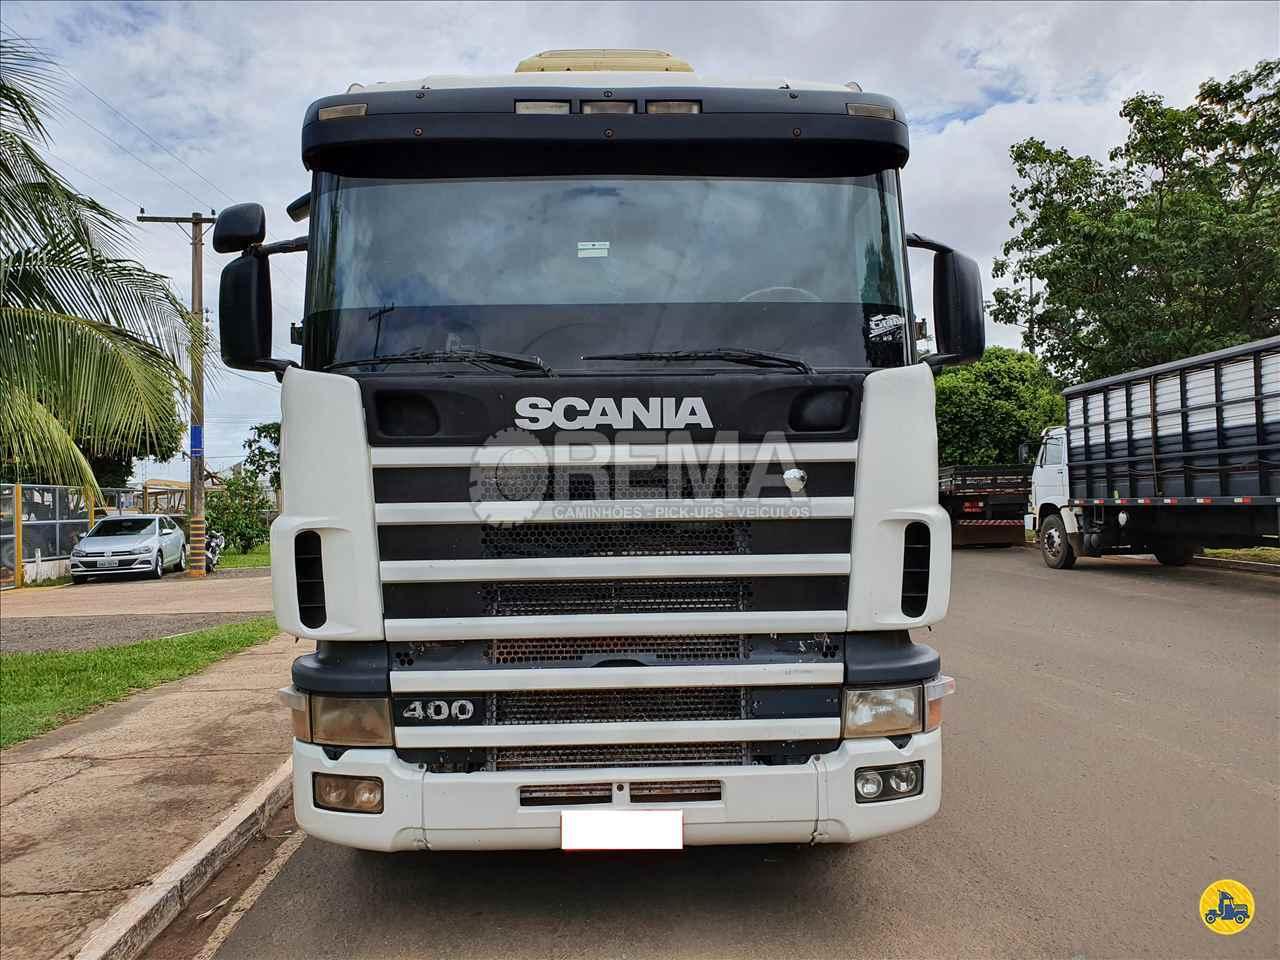 SCANIA SCANIA 124 400  2004/2004 Rema Caminhões - MS